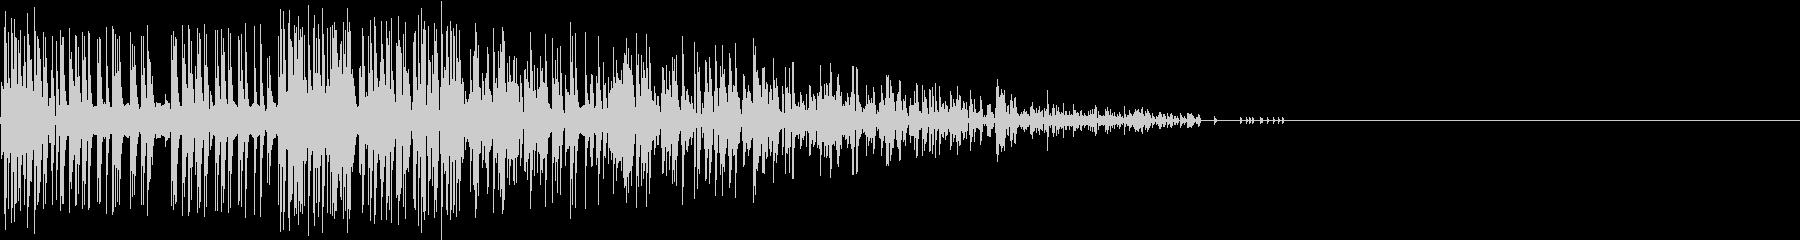 Noise デジタルノイズ 敵機 撃墜の未再生の波形